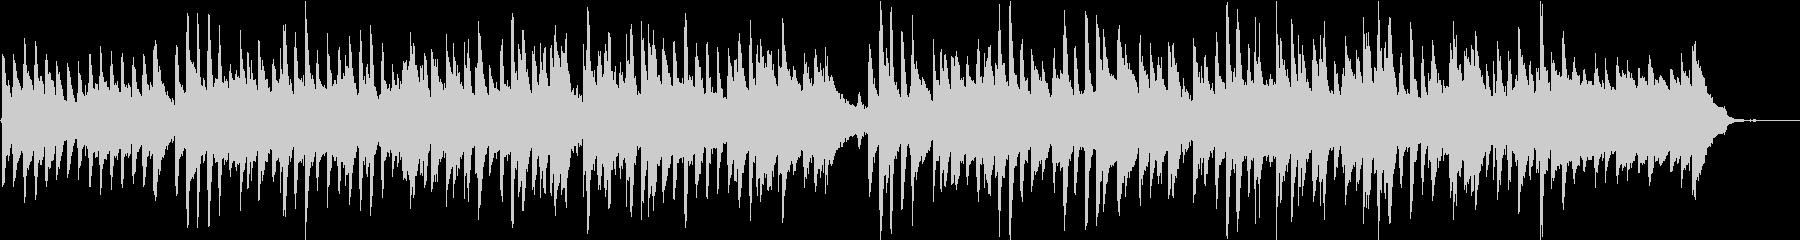 明るくほがらかなピアノポップス/ドラム無の未再生の波形